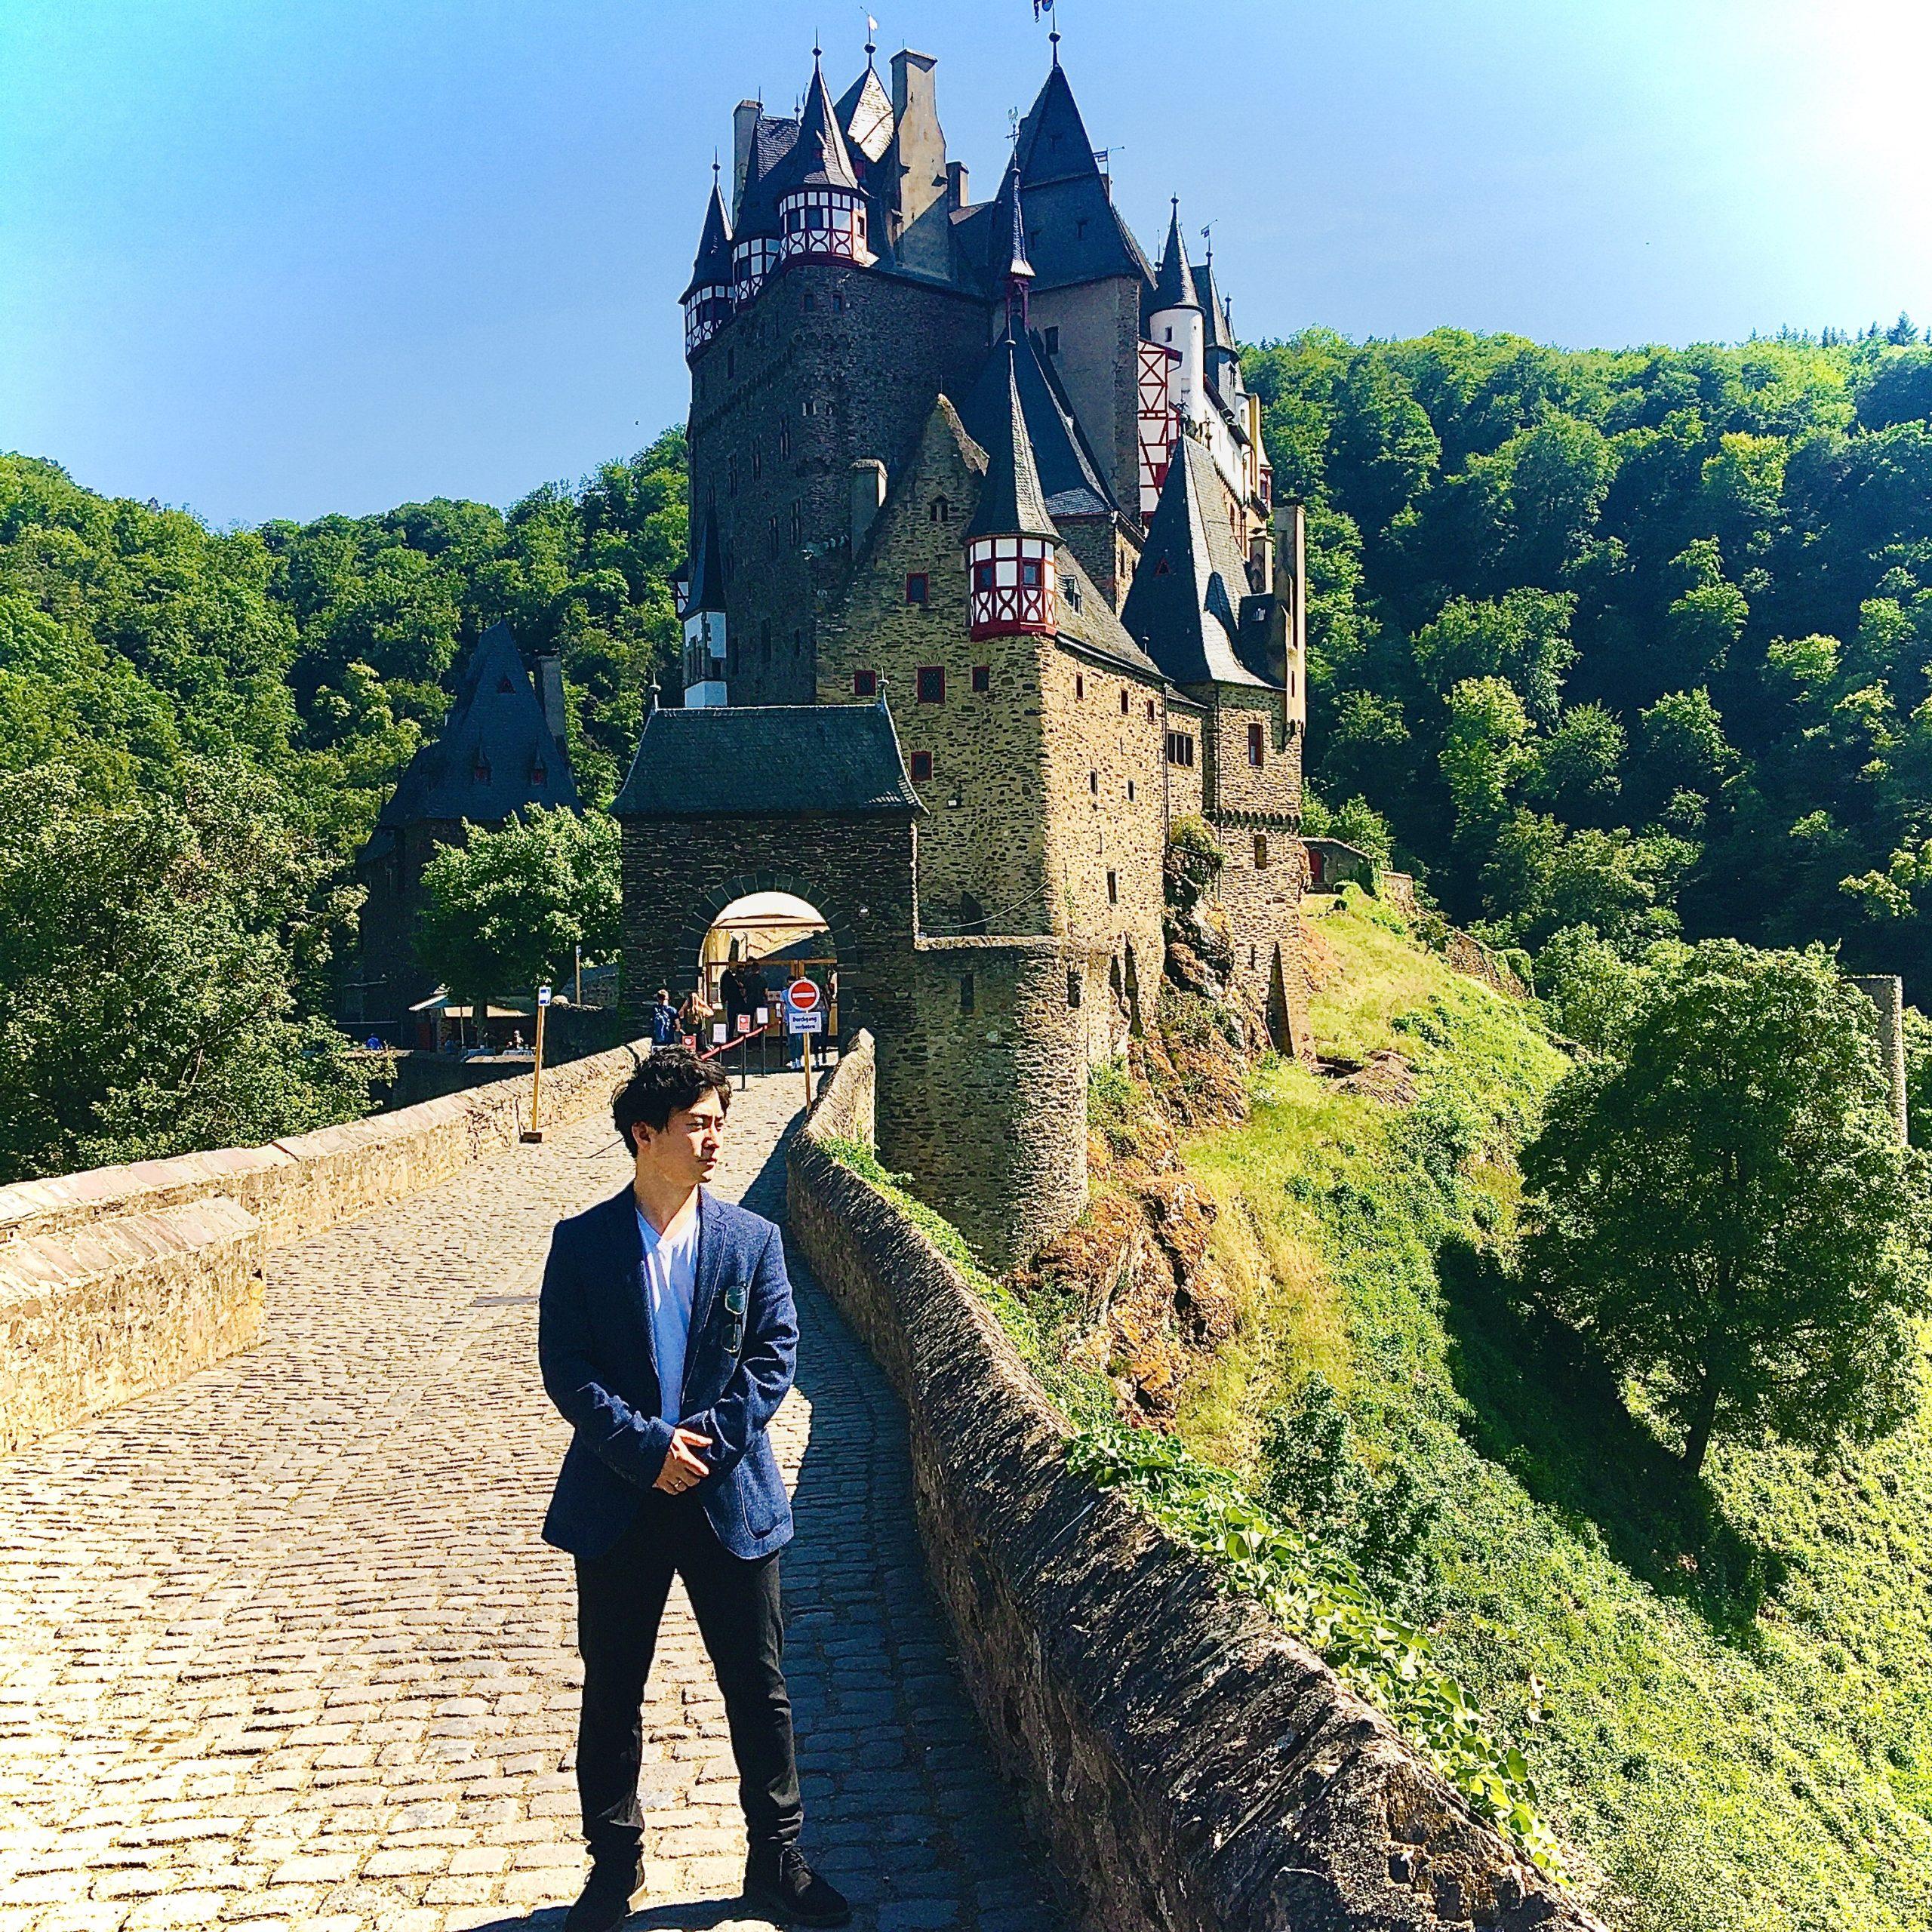 【ドイツSNS映えスポット】3大美城の一つ エルツ城  (Burg Eltz)が神秘すぎた